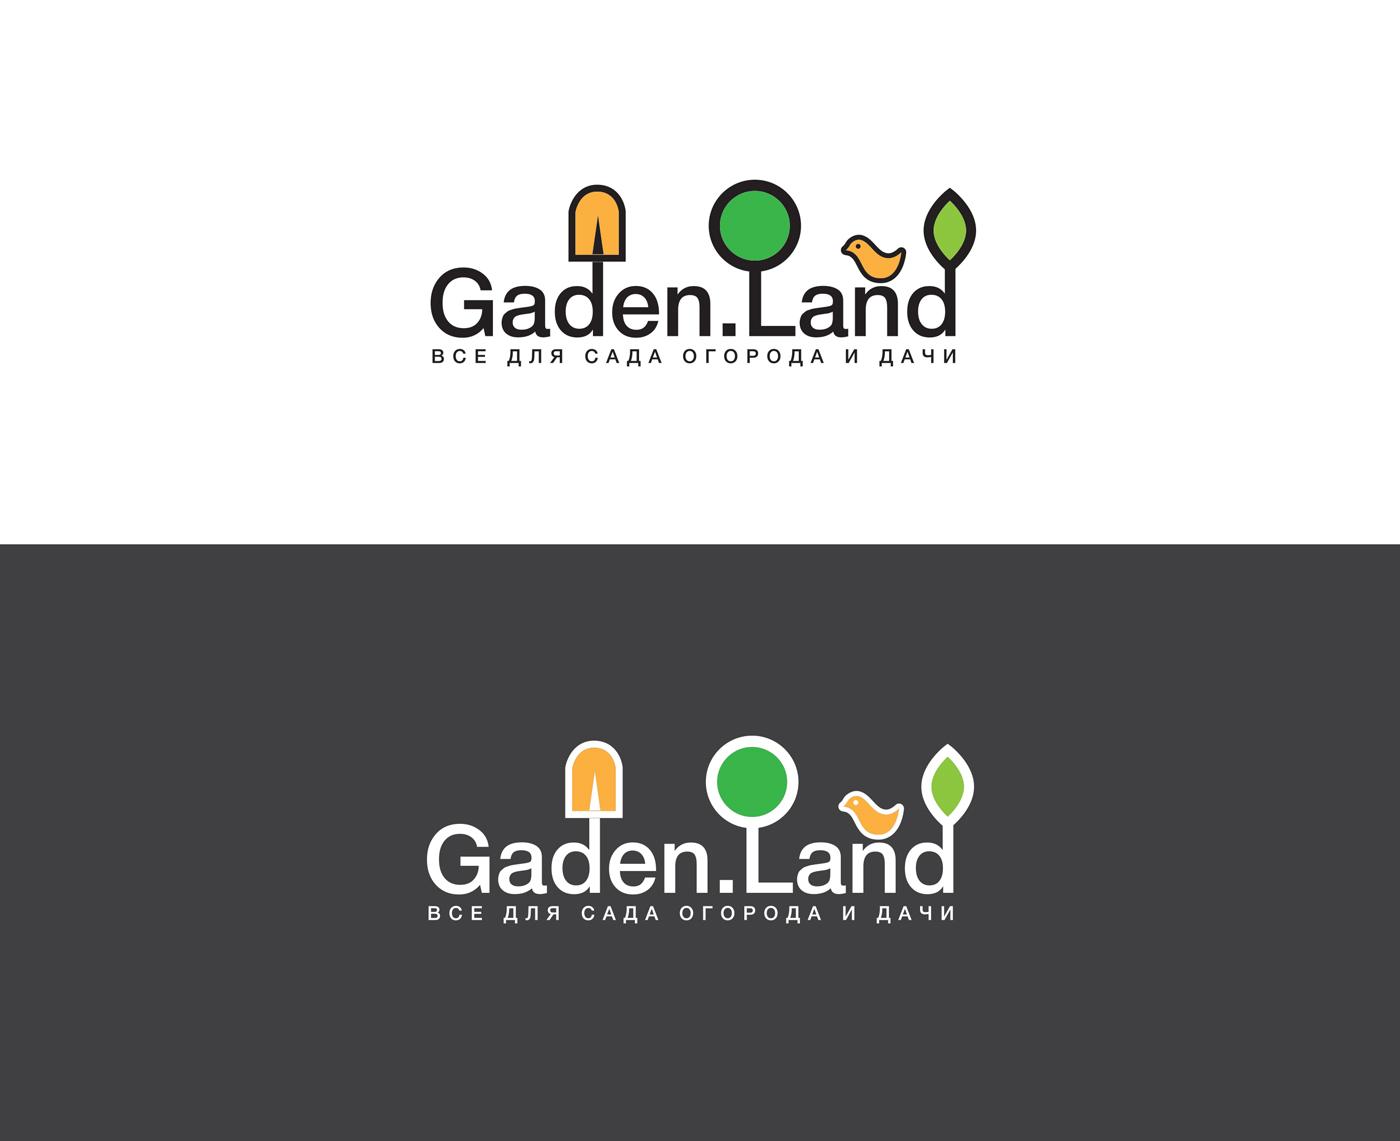 Создание логотипа компании Garden.Land фото f_88559876298cf044.jpg